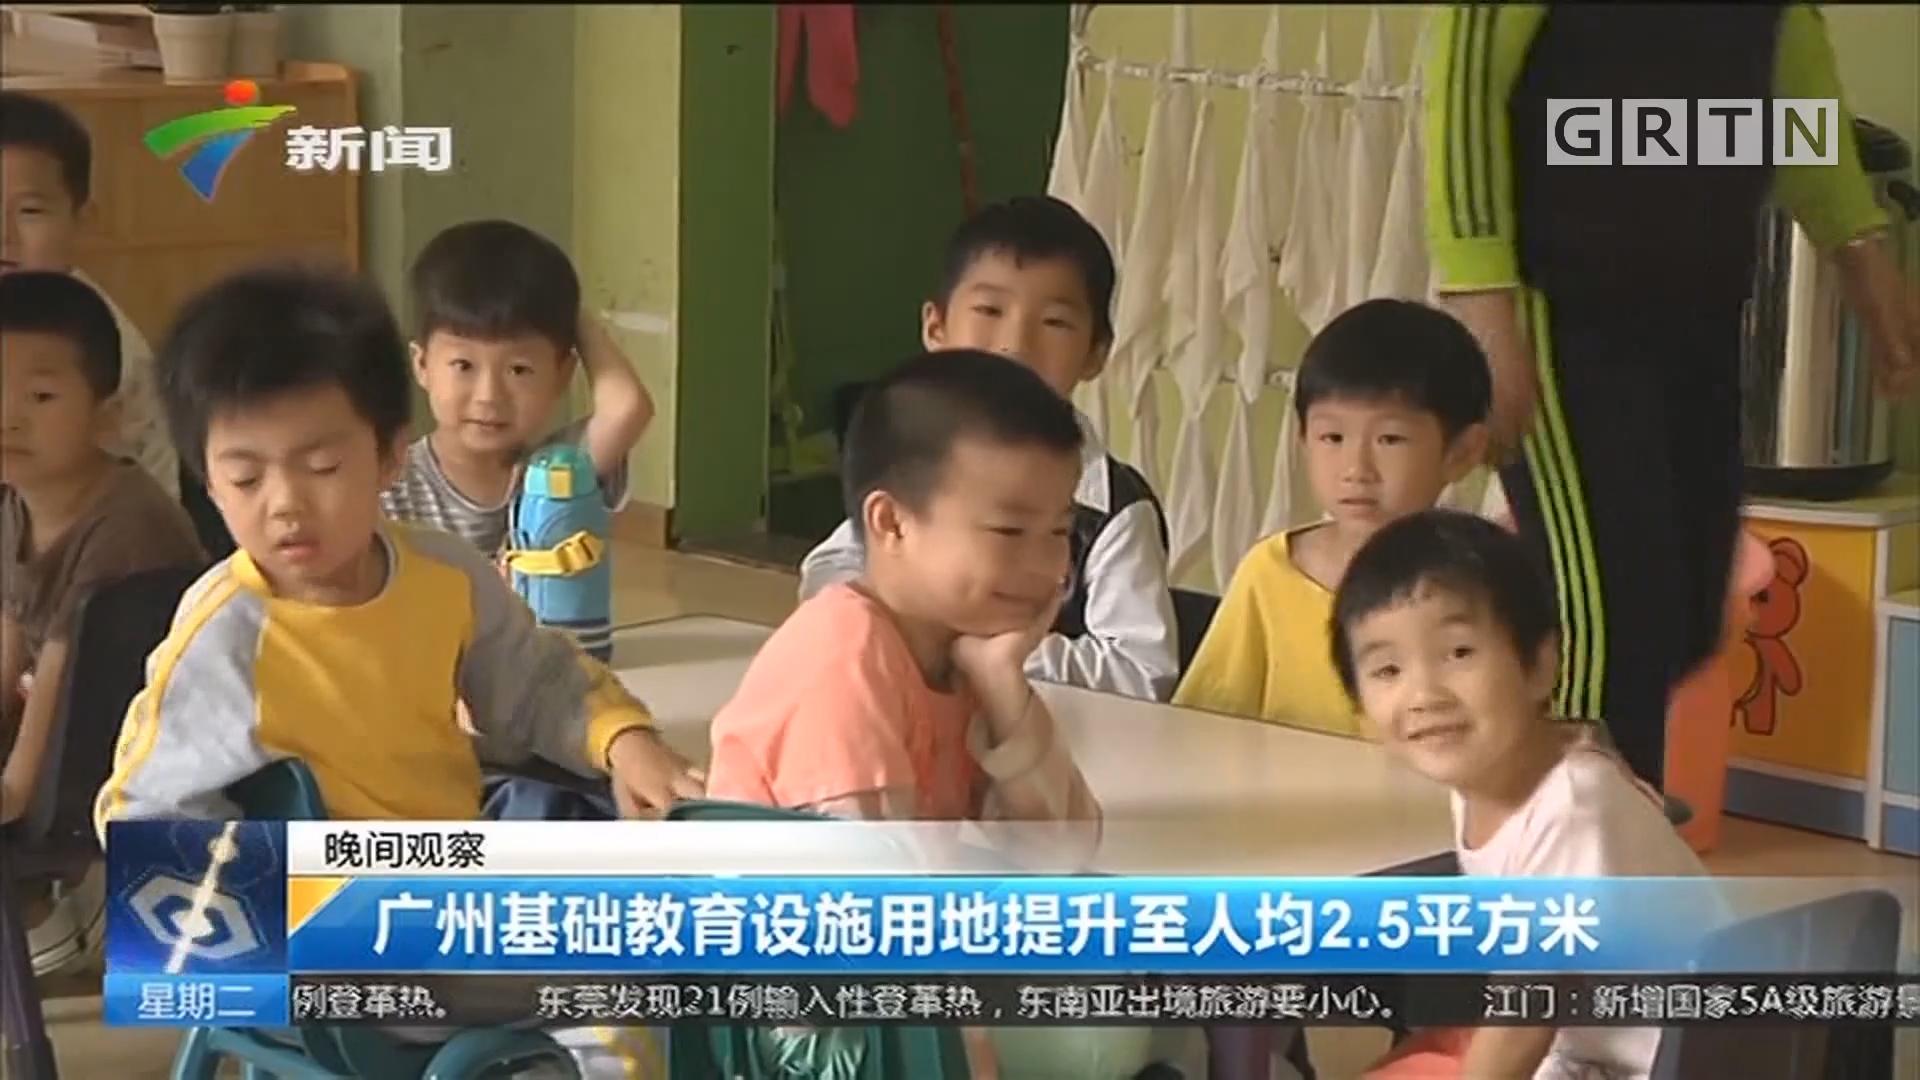 广州基础教育设施用地提升至人均2.5平方米